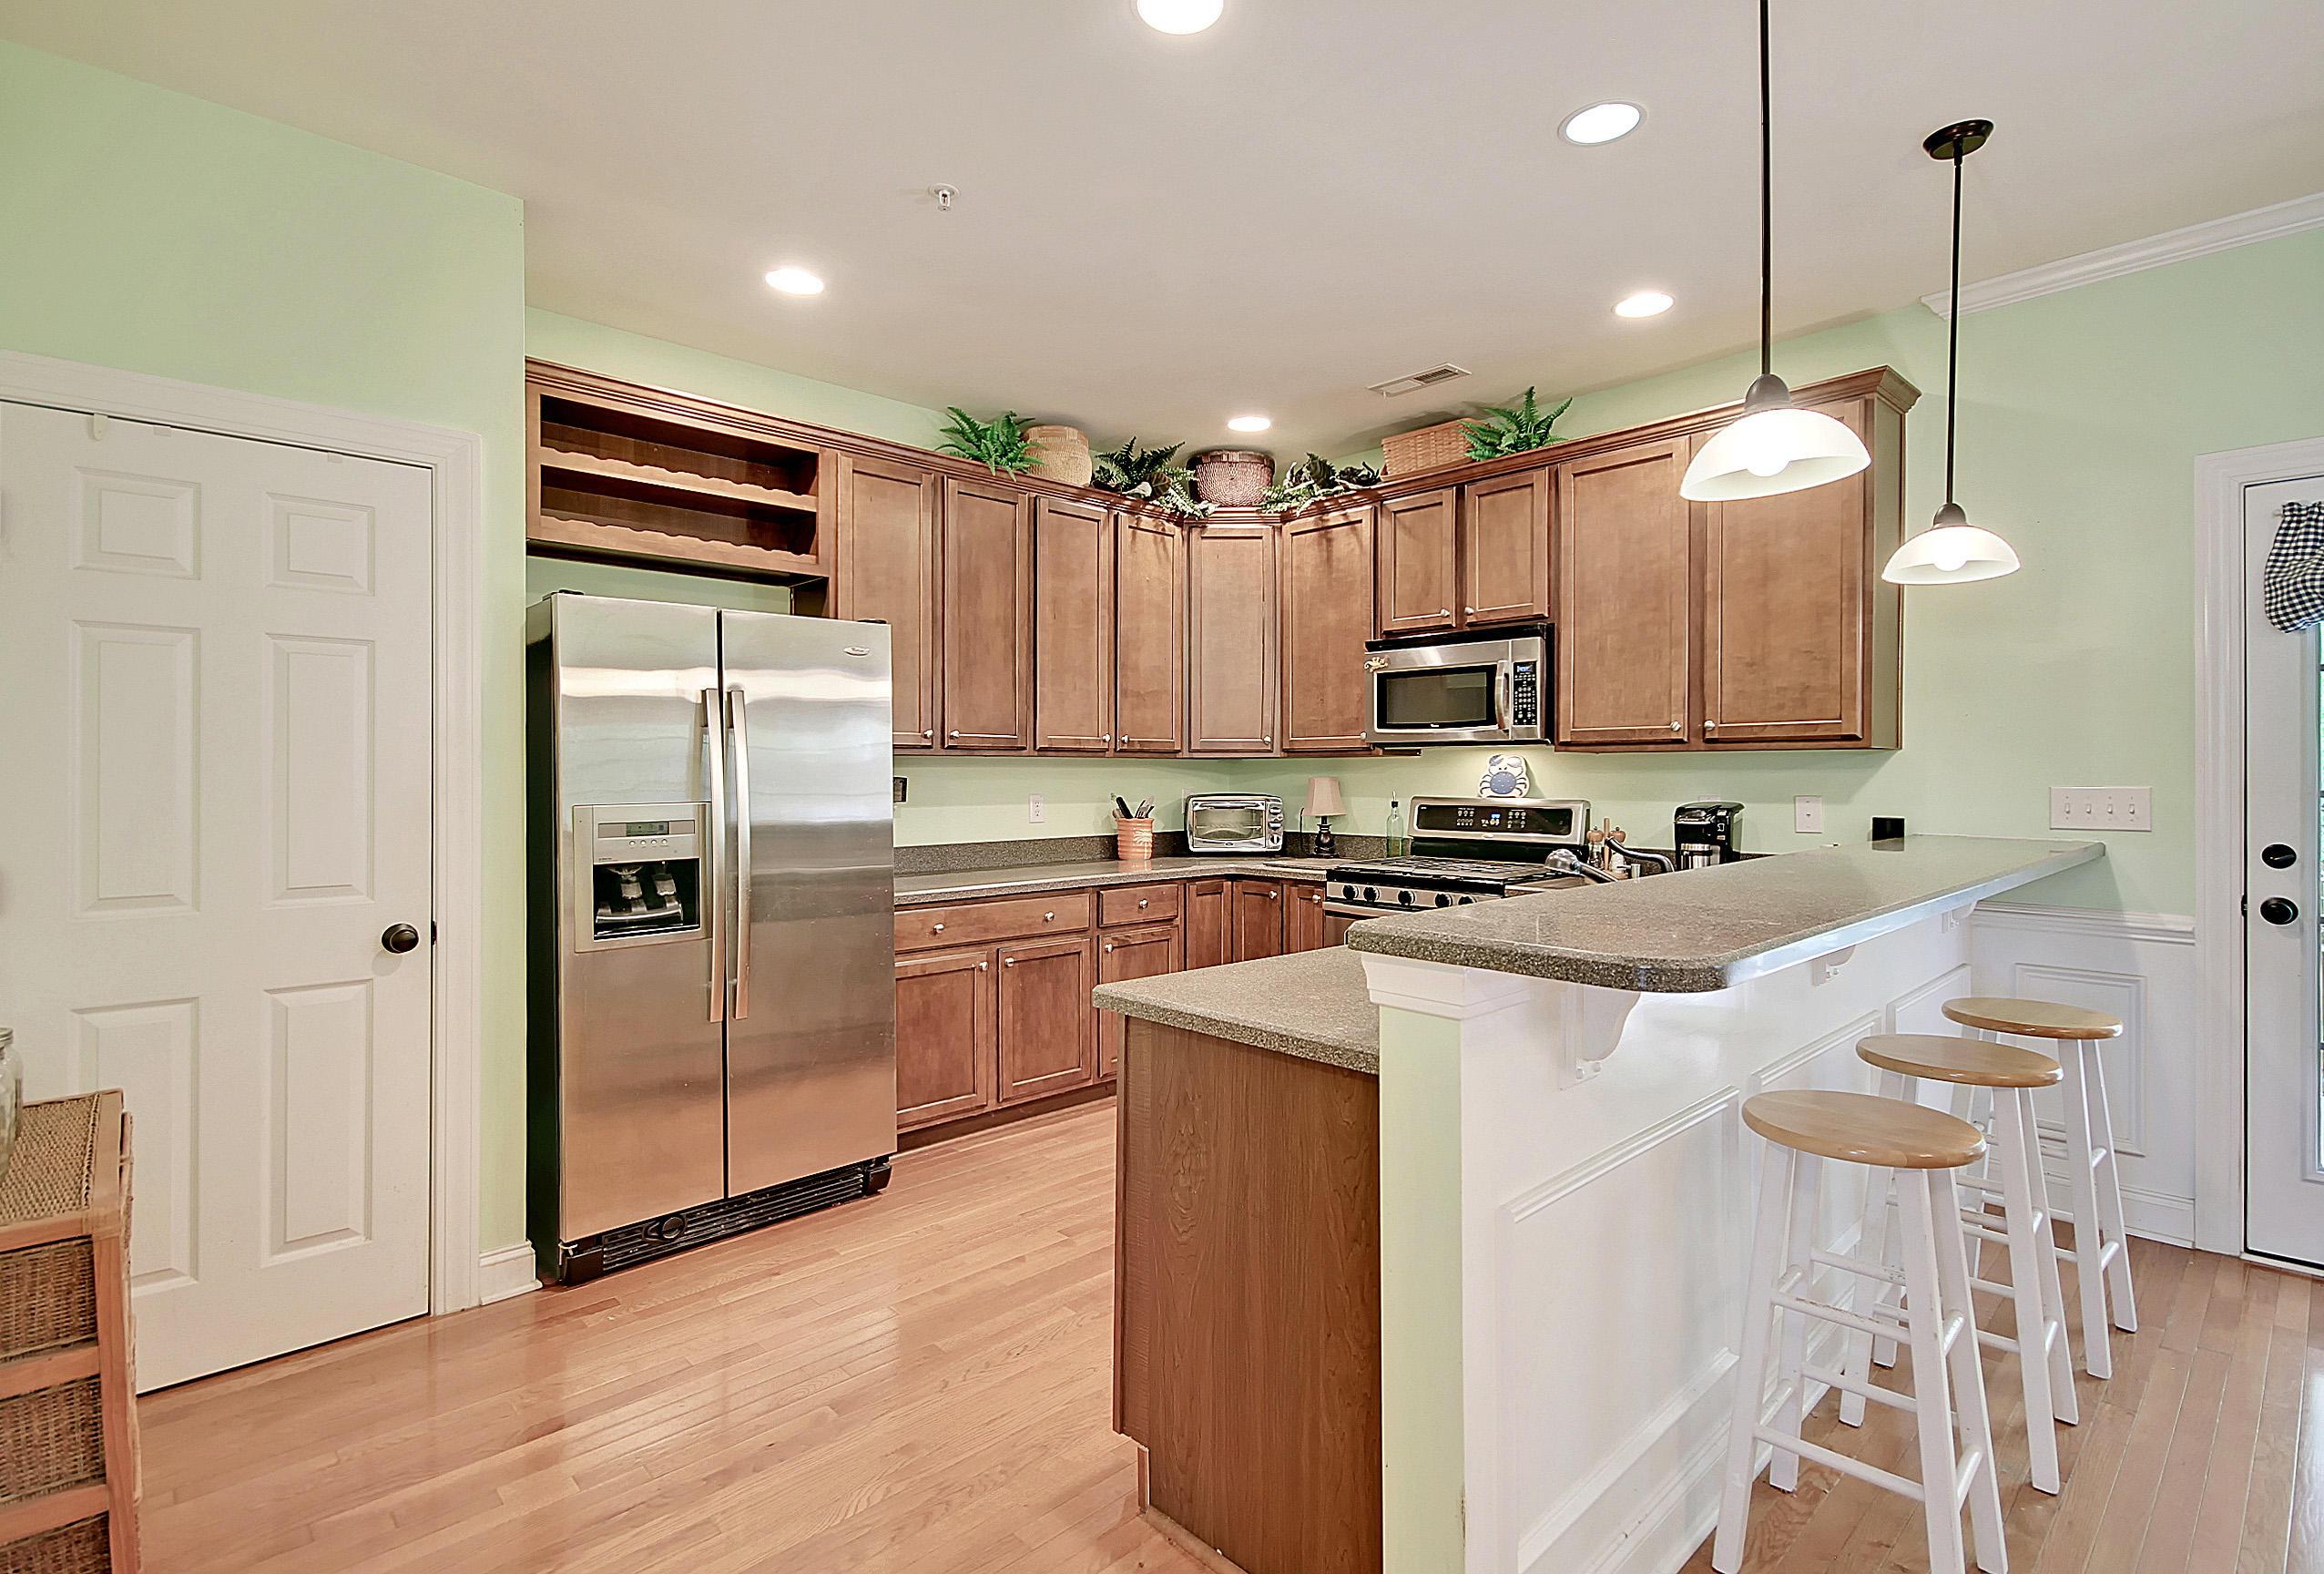 Park West Homes For Sale - 3624 Bagley, Mount Pleasant, SC - 29